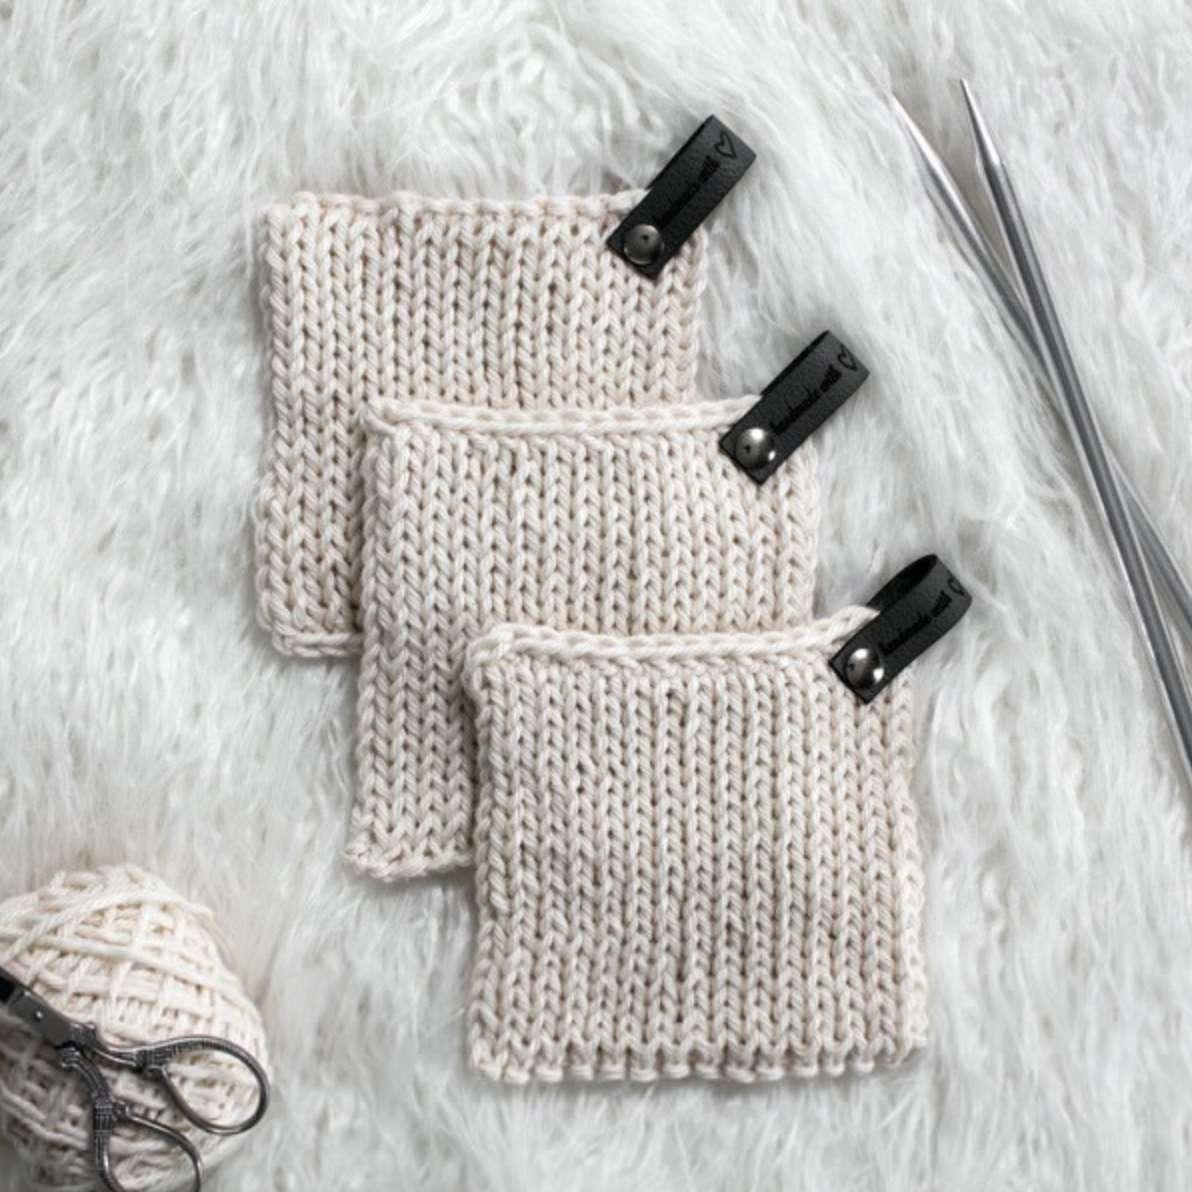 Handy Little Potholder Knitting Pattern